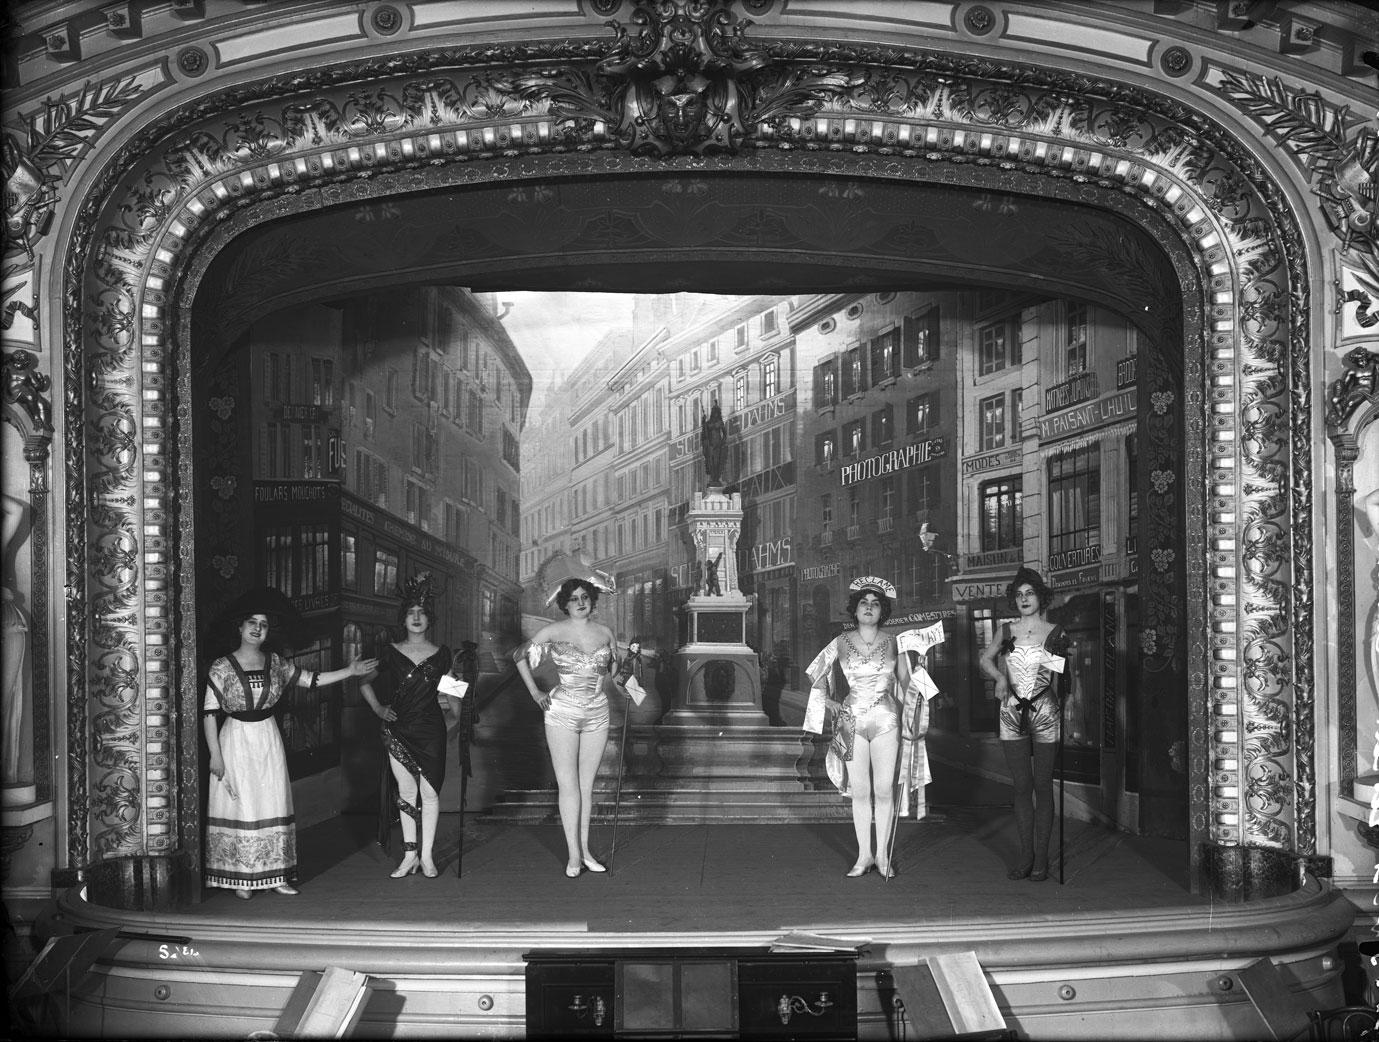 La Revue 1913 ©Centre d'iconographie genevoise